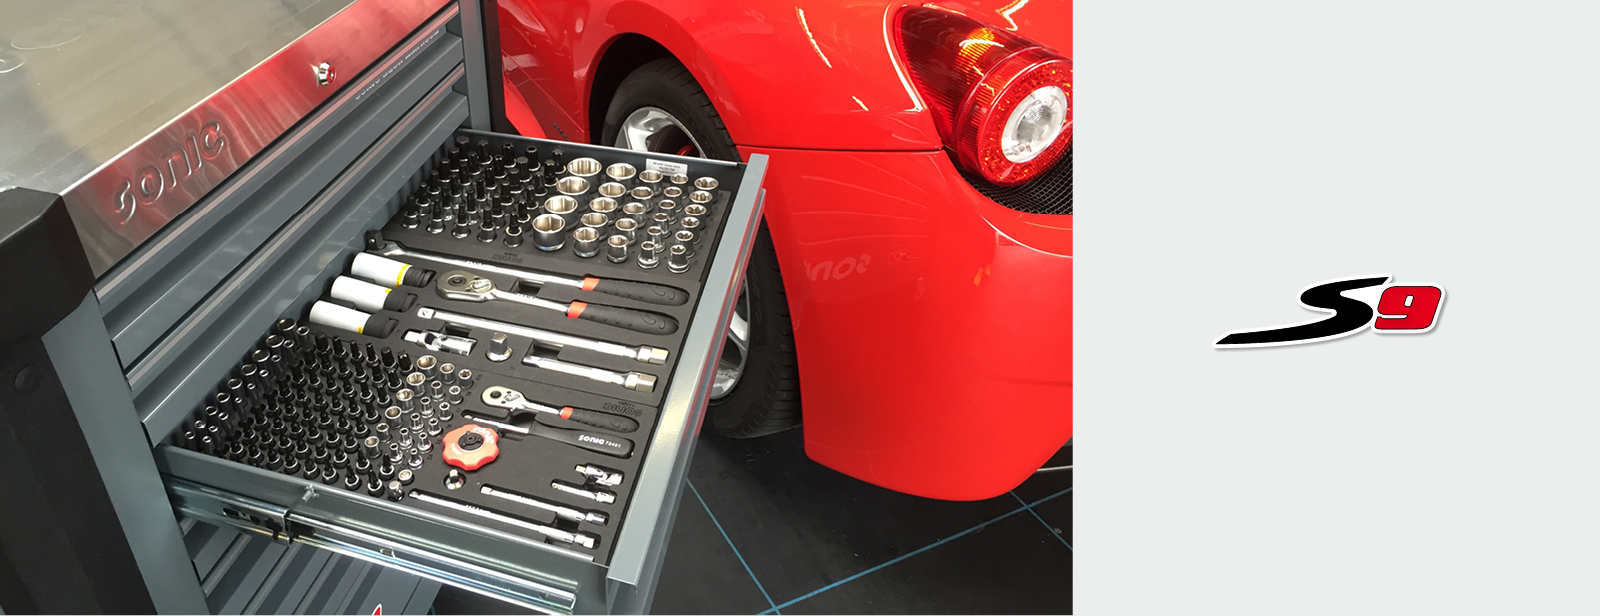 Sonic Werkstattwagen S9